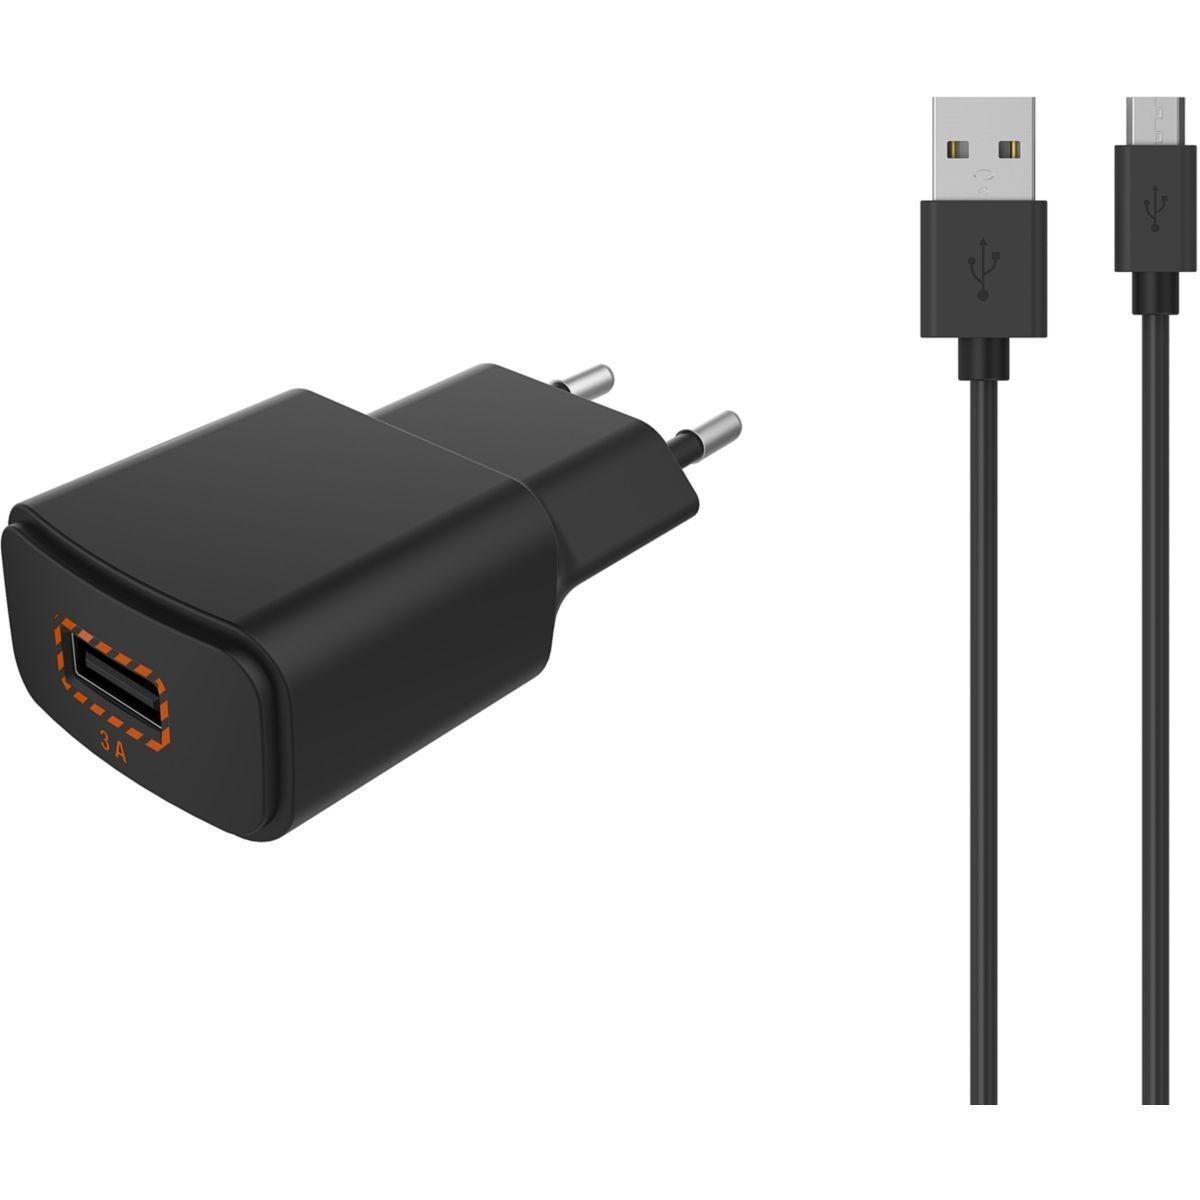 Chargeur secteur ESSENTIELB quick charge 3.0 + Cable Micro-USB noir